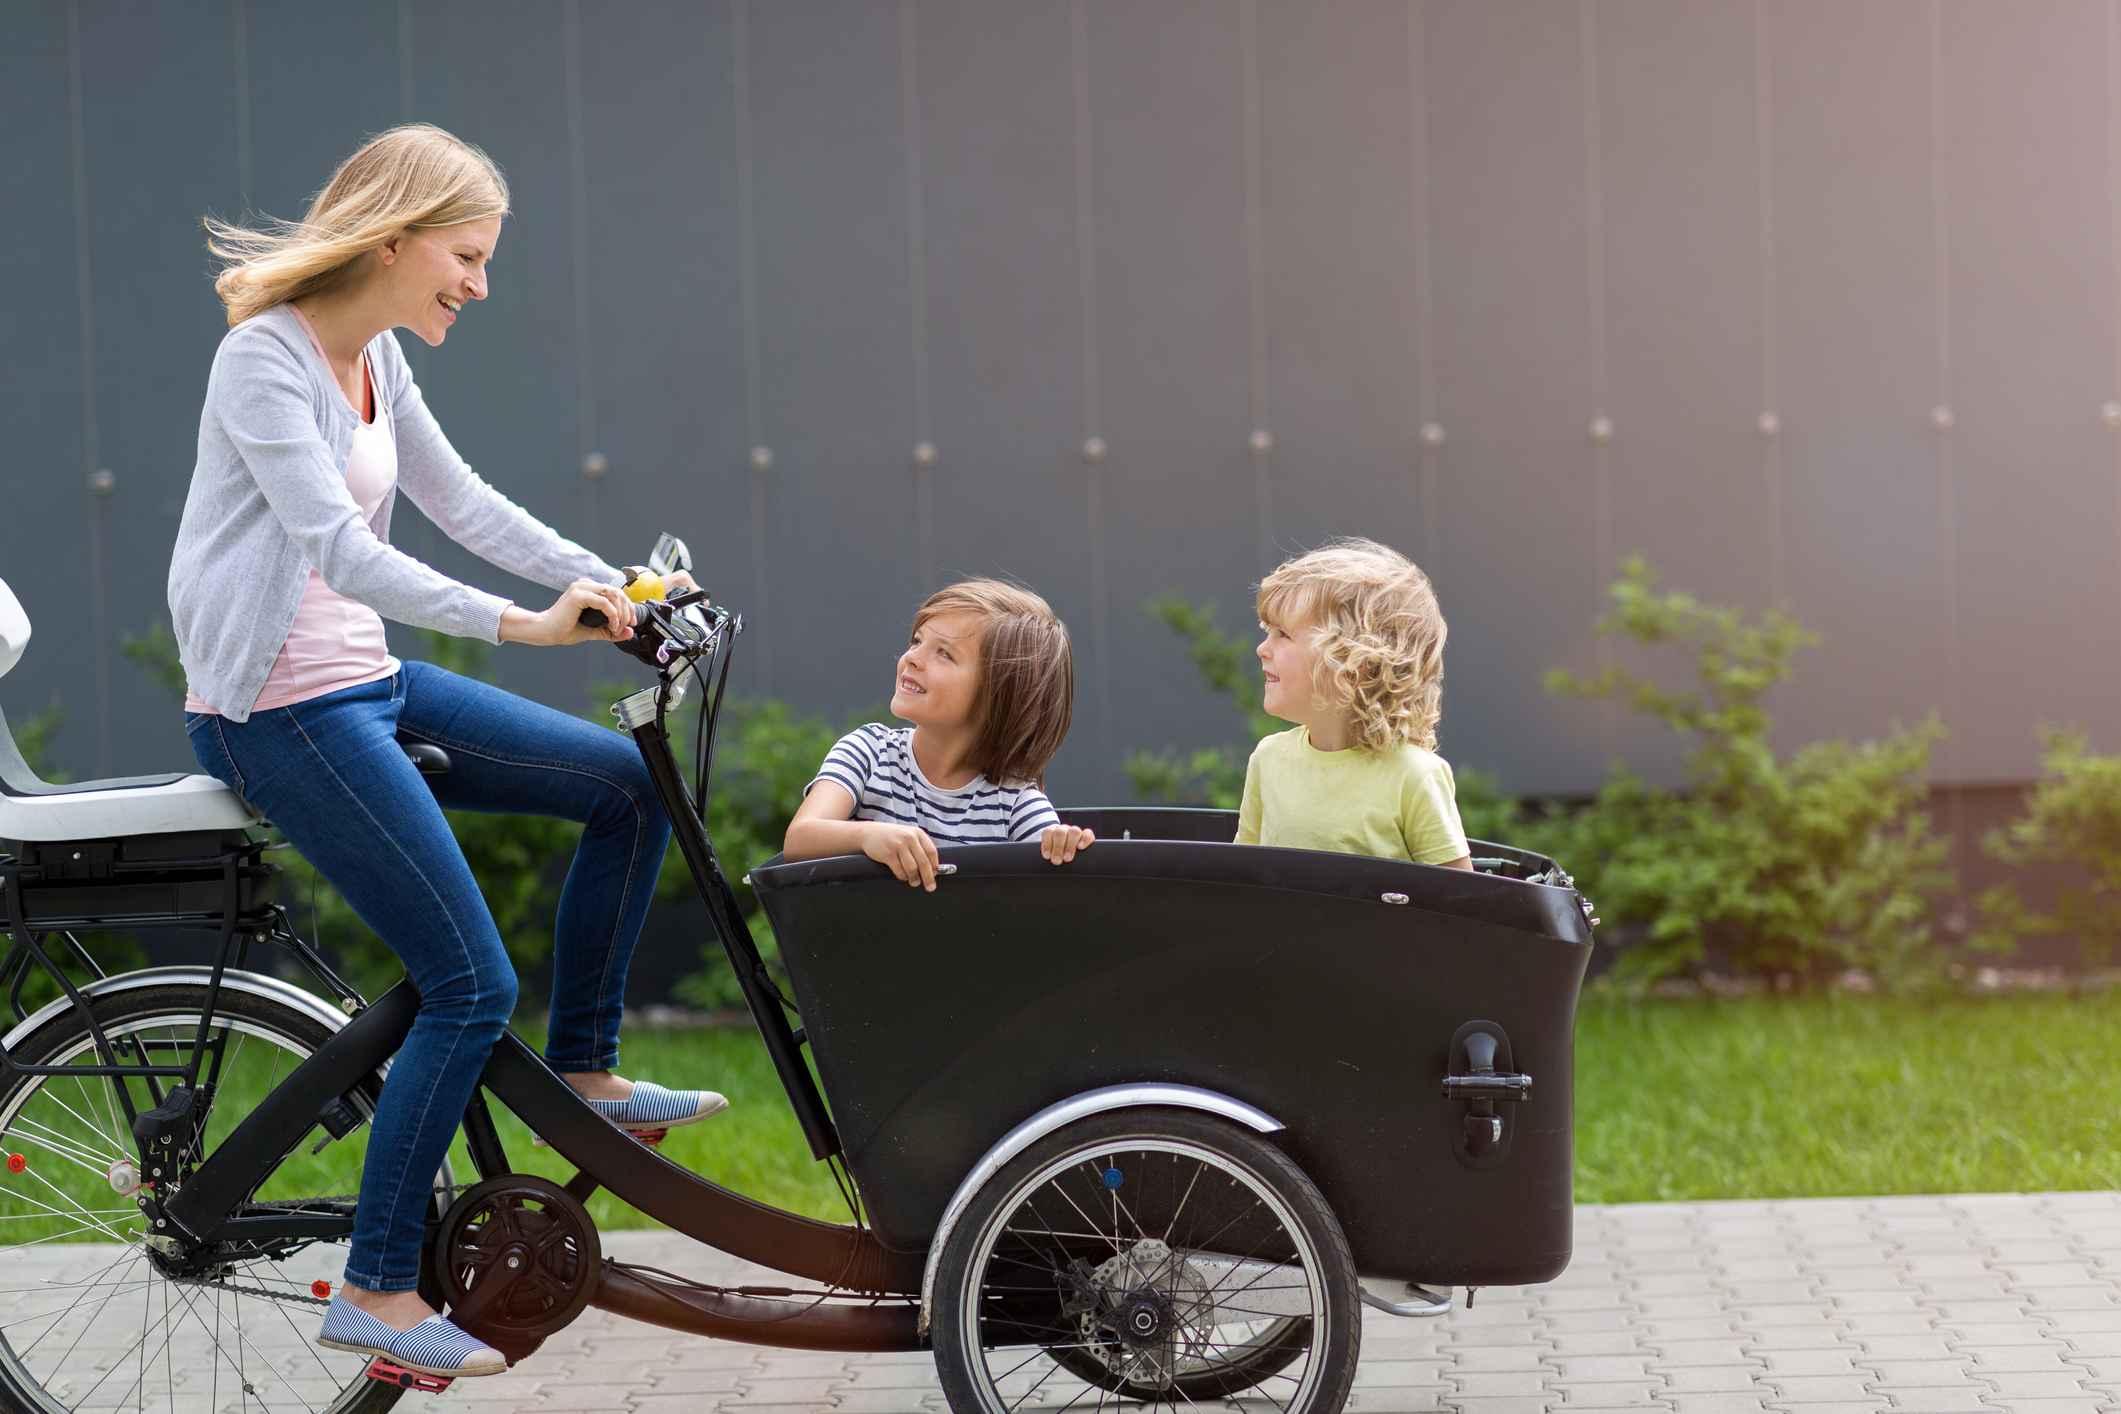 En mor som sykler på en lastesykkel med to barn som glade passasjerer